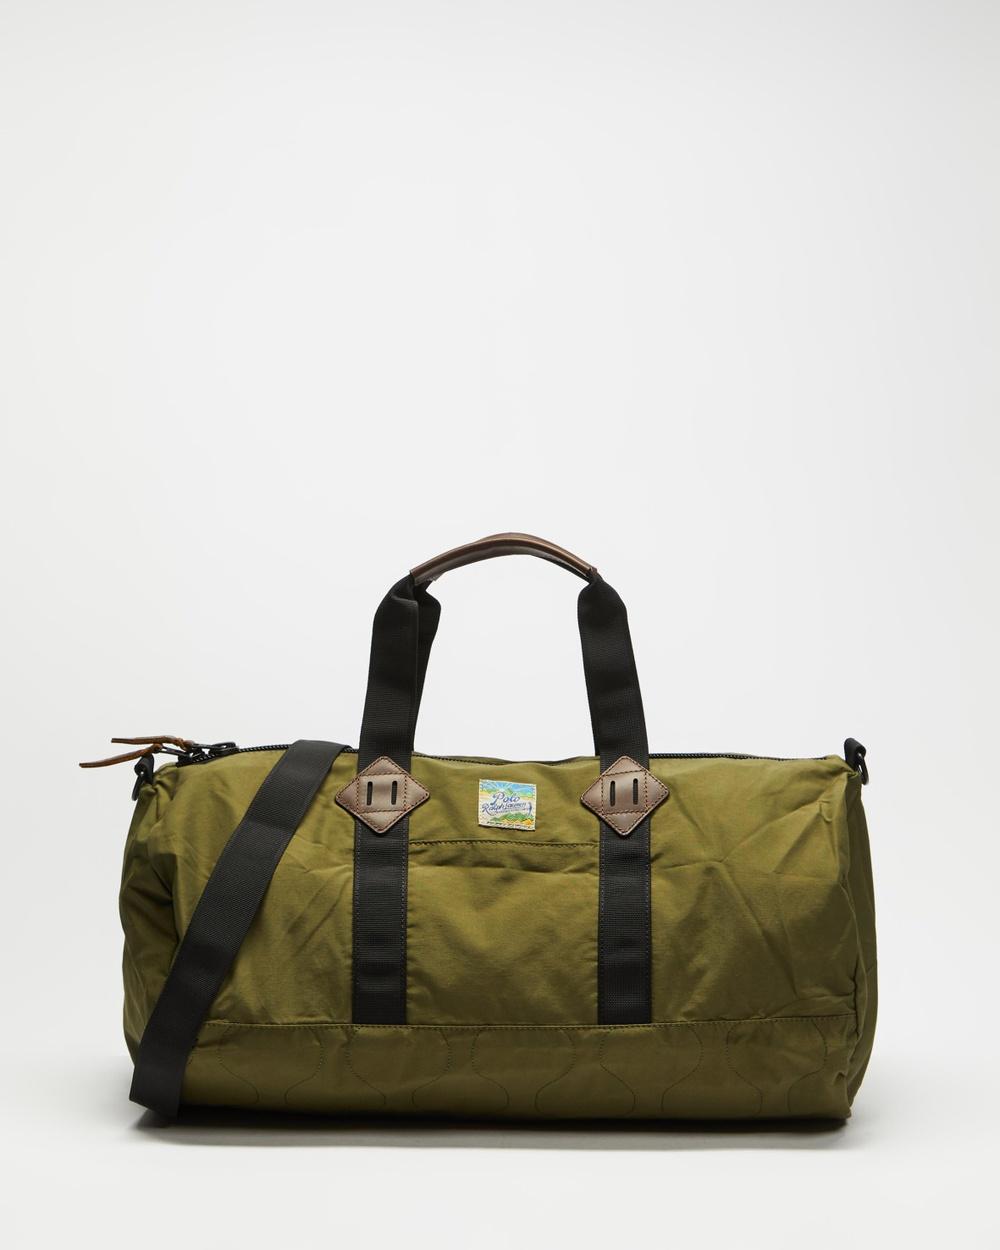 Polo Ralph Lauren Lightweight Mountain Duffle Bags Dark Green